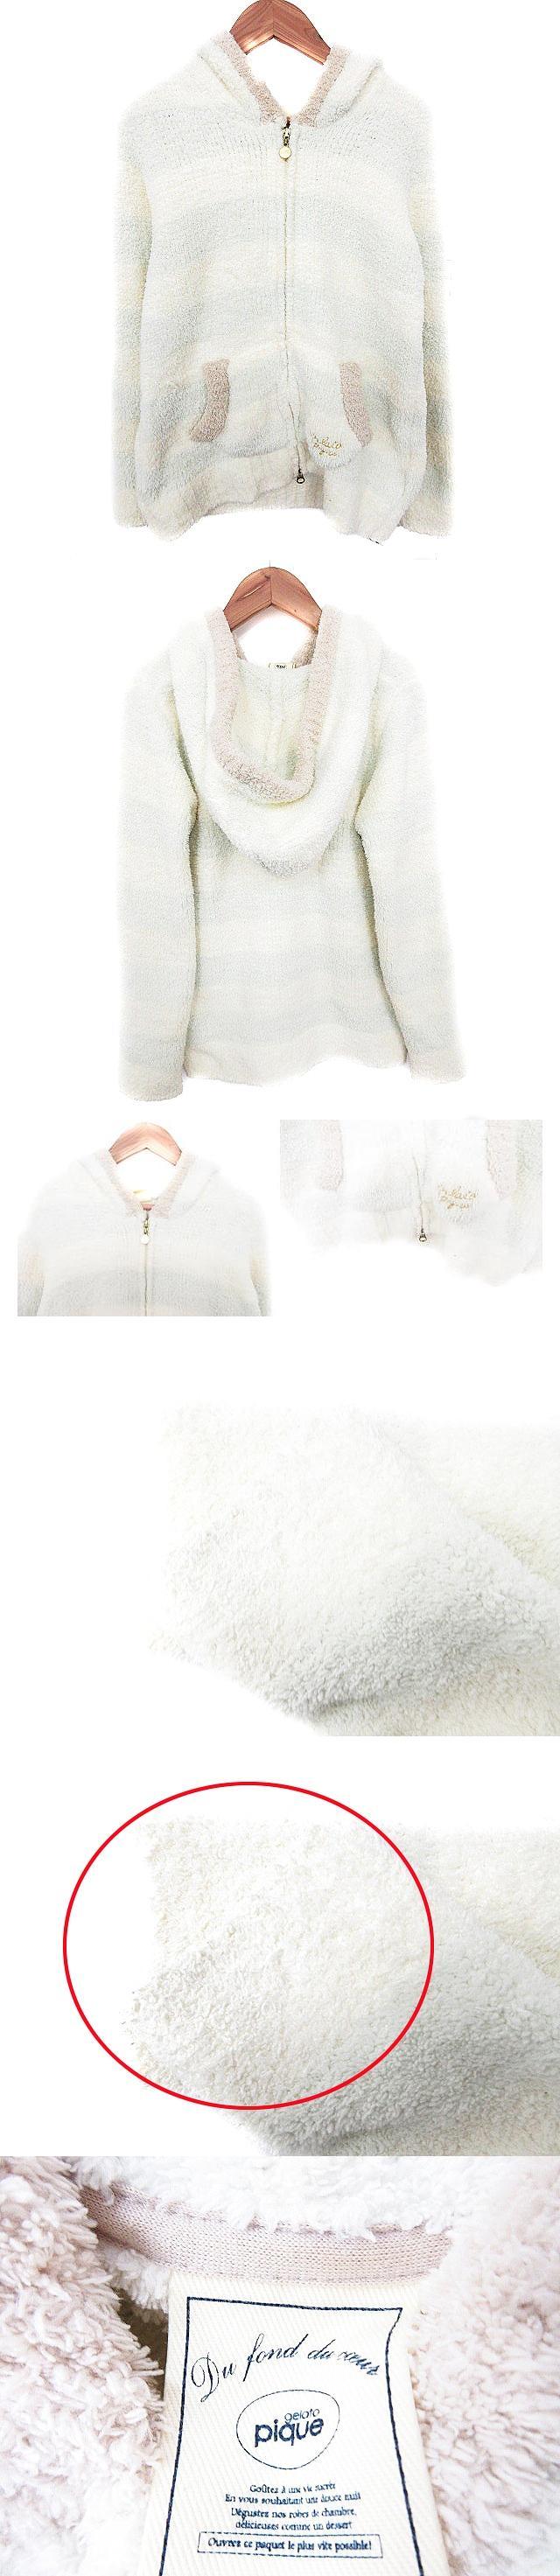 ルームウェア ジャケット パーカー 長袖 ジップアップ ボーダー ボア F 白 ホワイト /AAO11